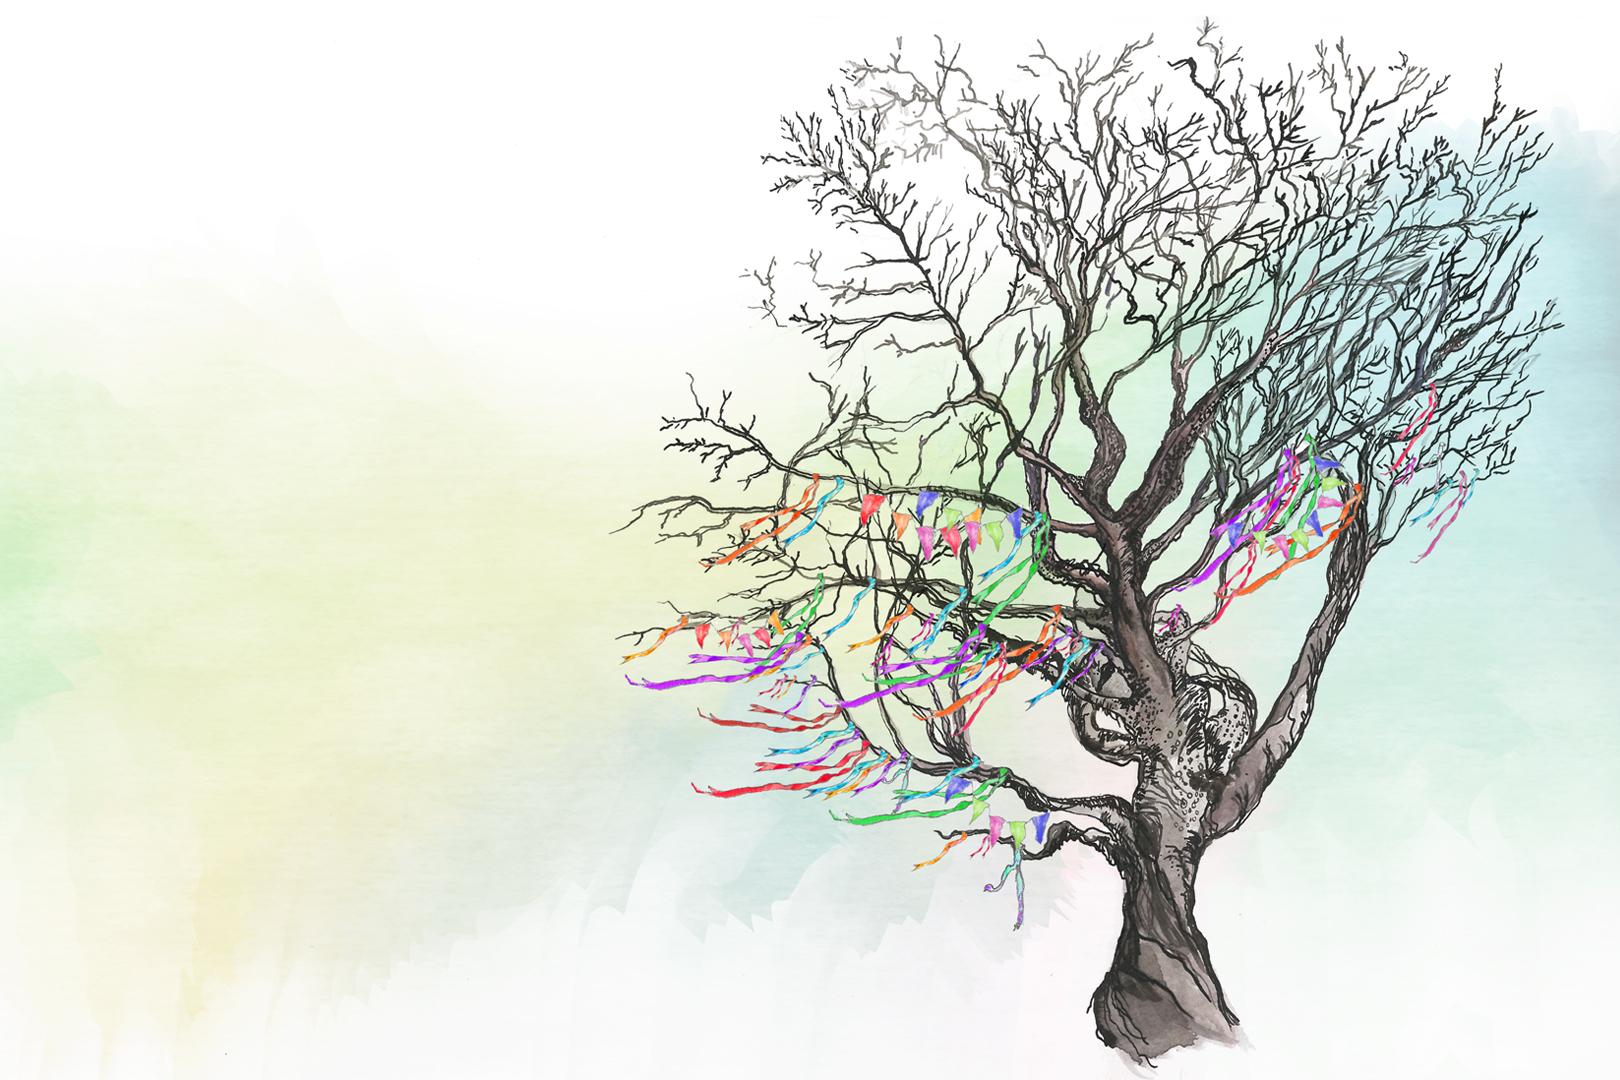 Tree_LowRes.jpg